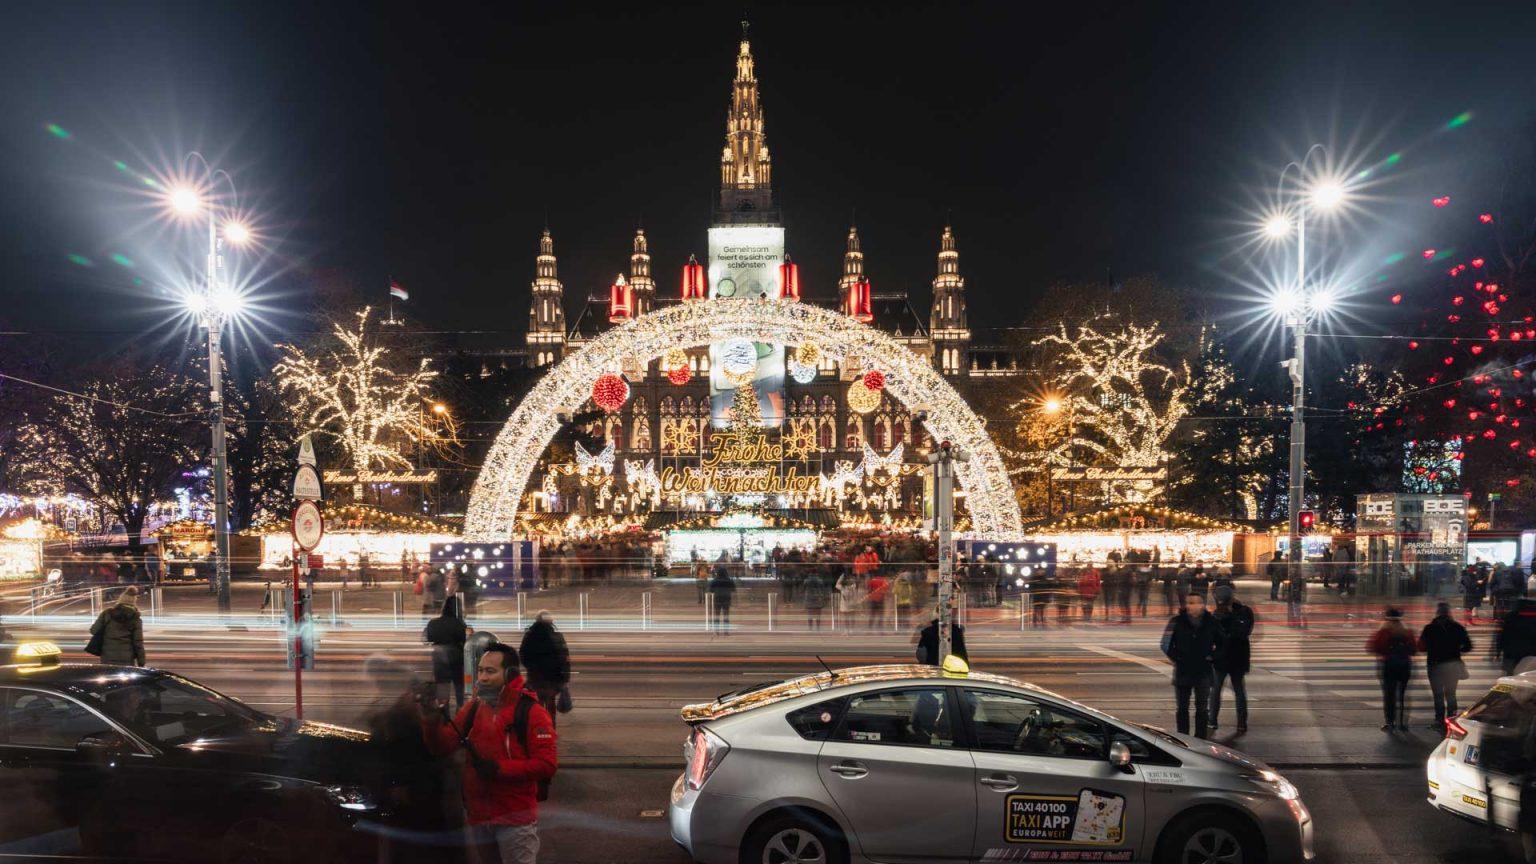 Rathausplatz Christmas Market in Vienna - Austria